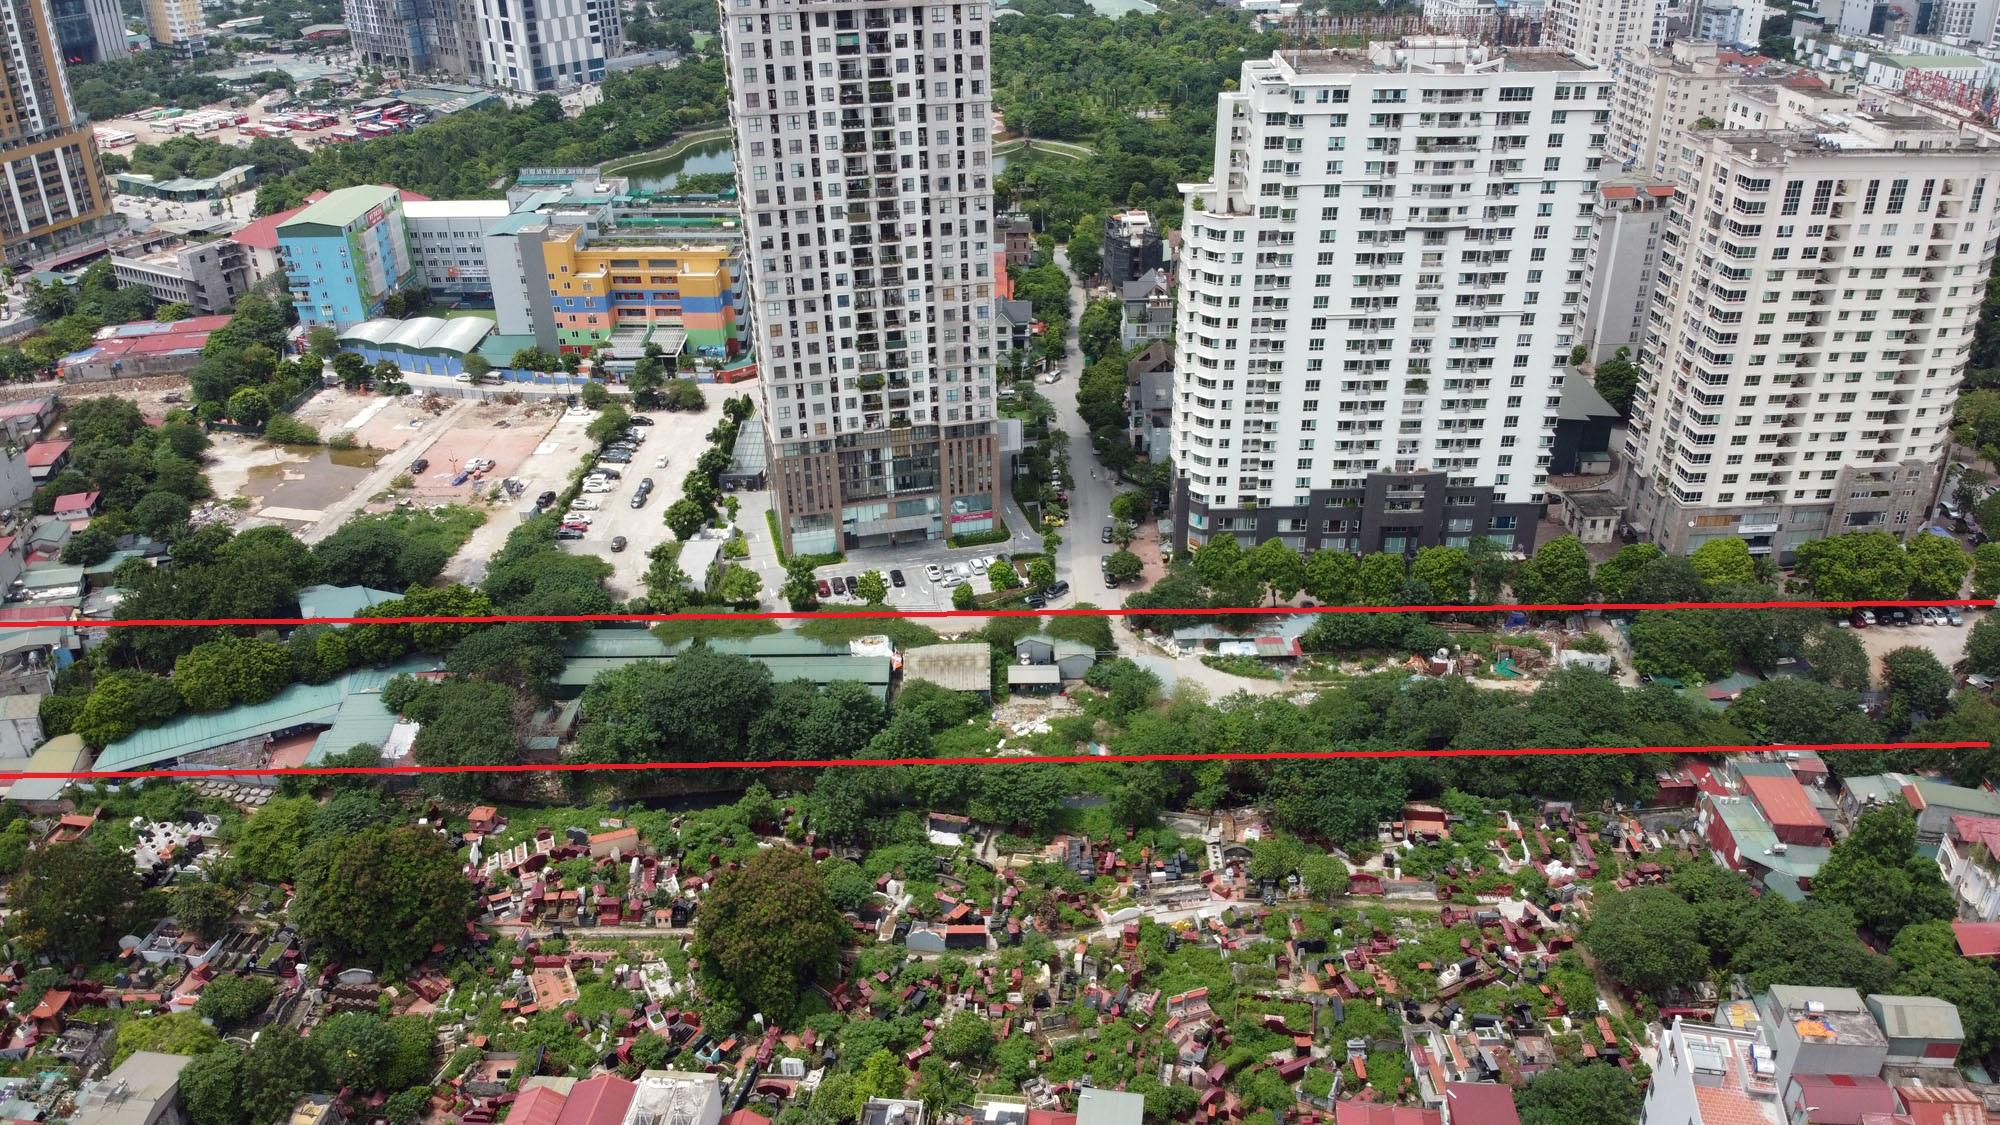 đường sẽ mở theo qui hoạch ở phường Yên Hòa, Cầu Giấy, Hà Nội - Ảnh 5.